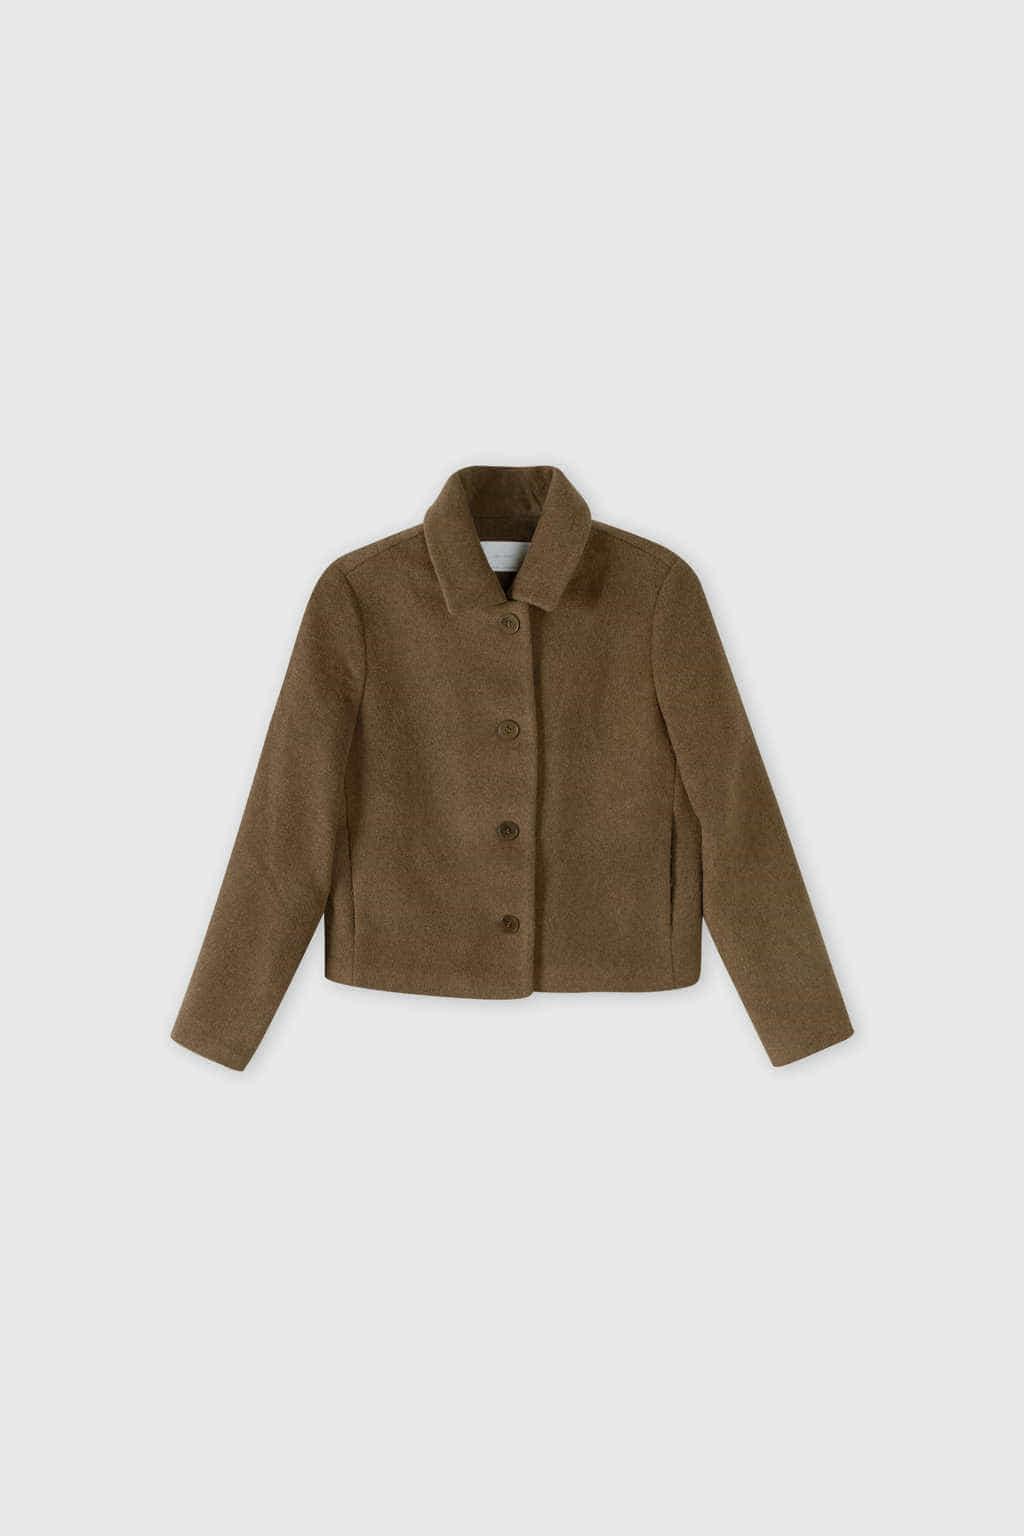 Jacket 2592 Brown 8